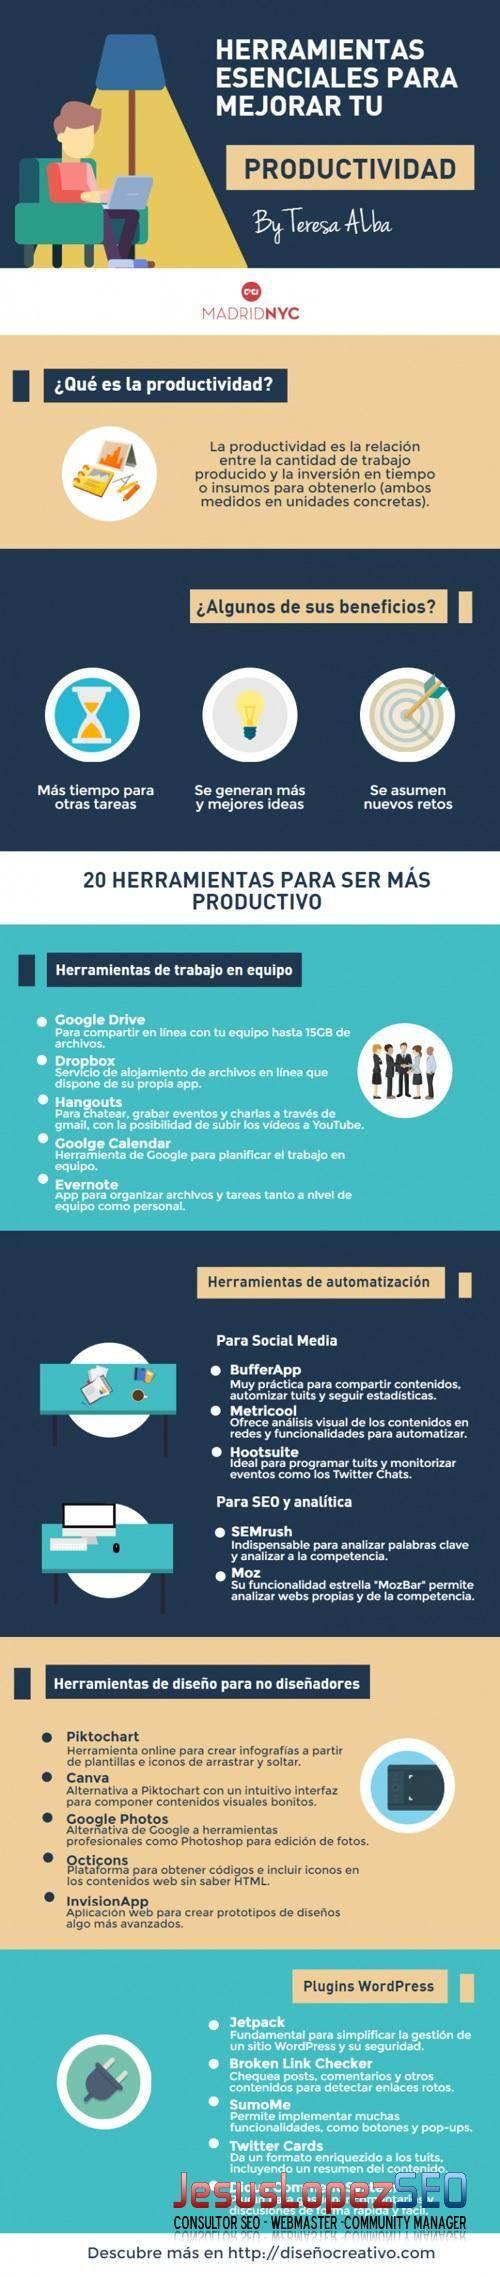 20herramientas-productividad-negocio-infografia